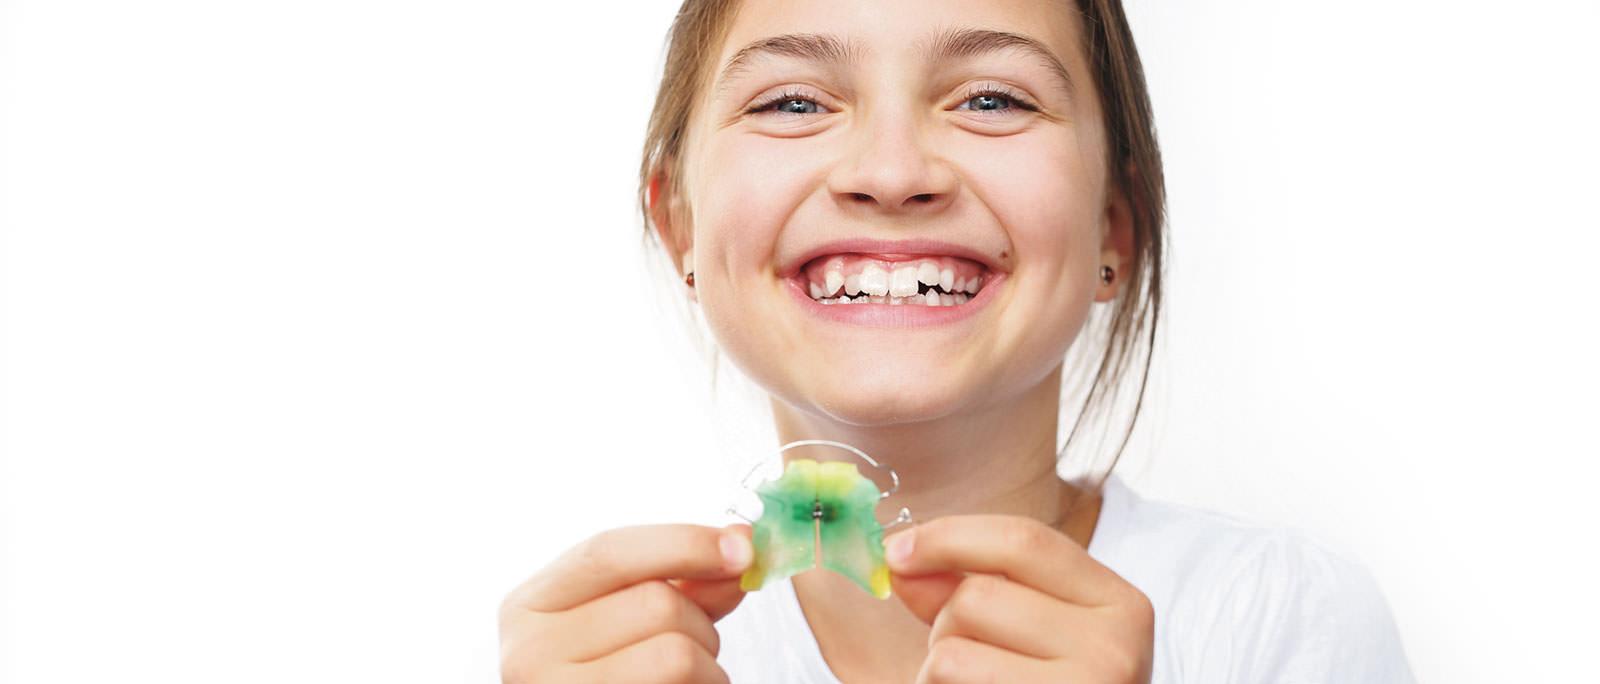 Bunte Zahnspangen in in unserer Facharztpraxis für Kieferorthopädie in Düsseldorf, Meerbusch und Mönchengladbach.